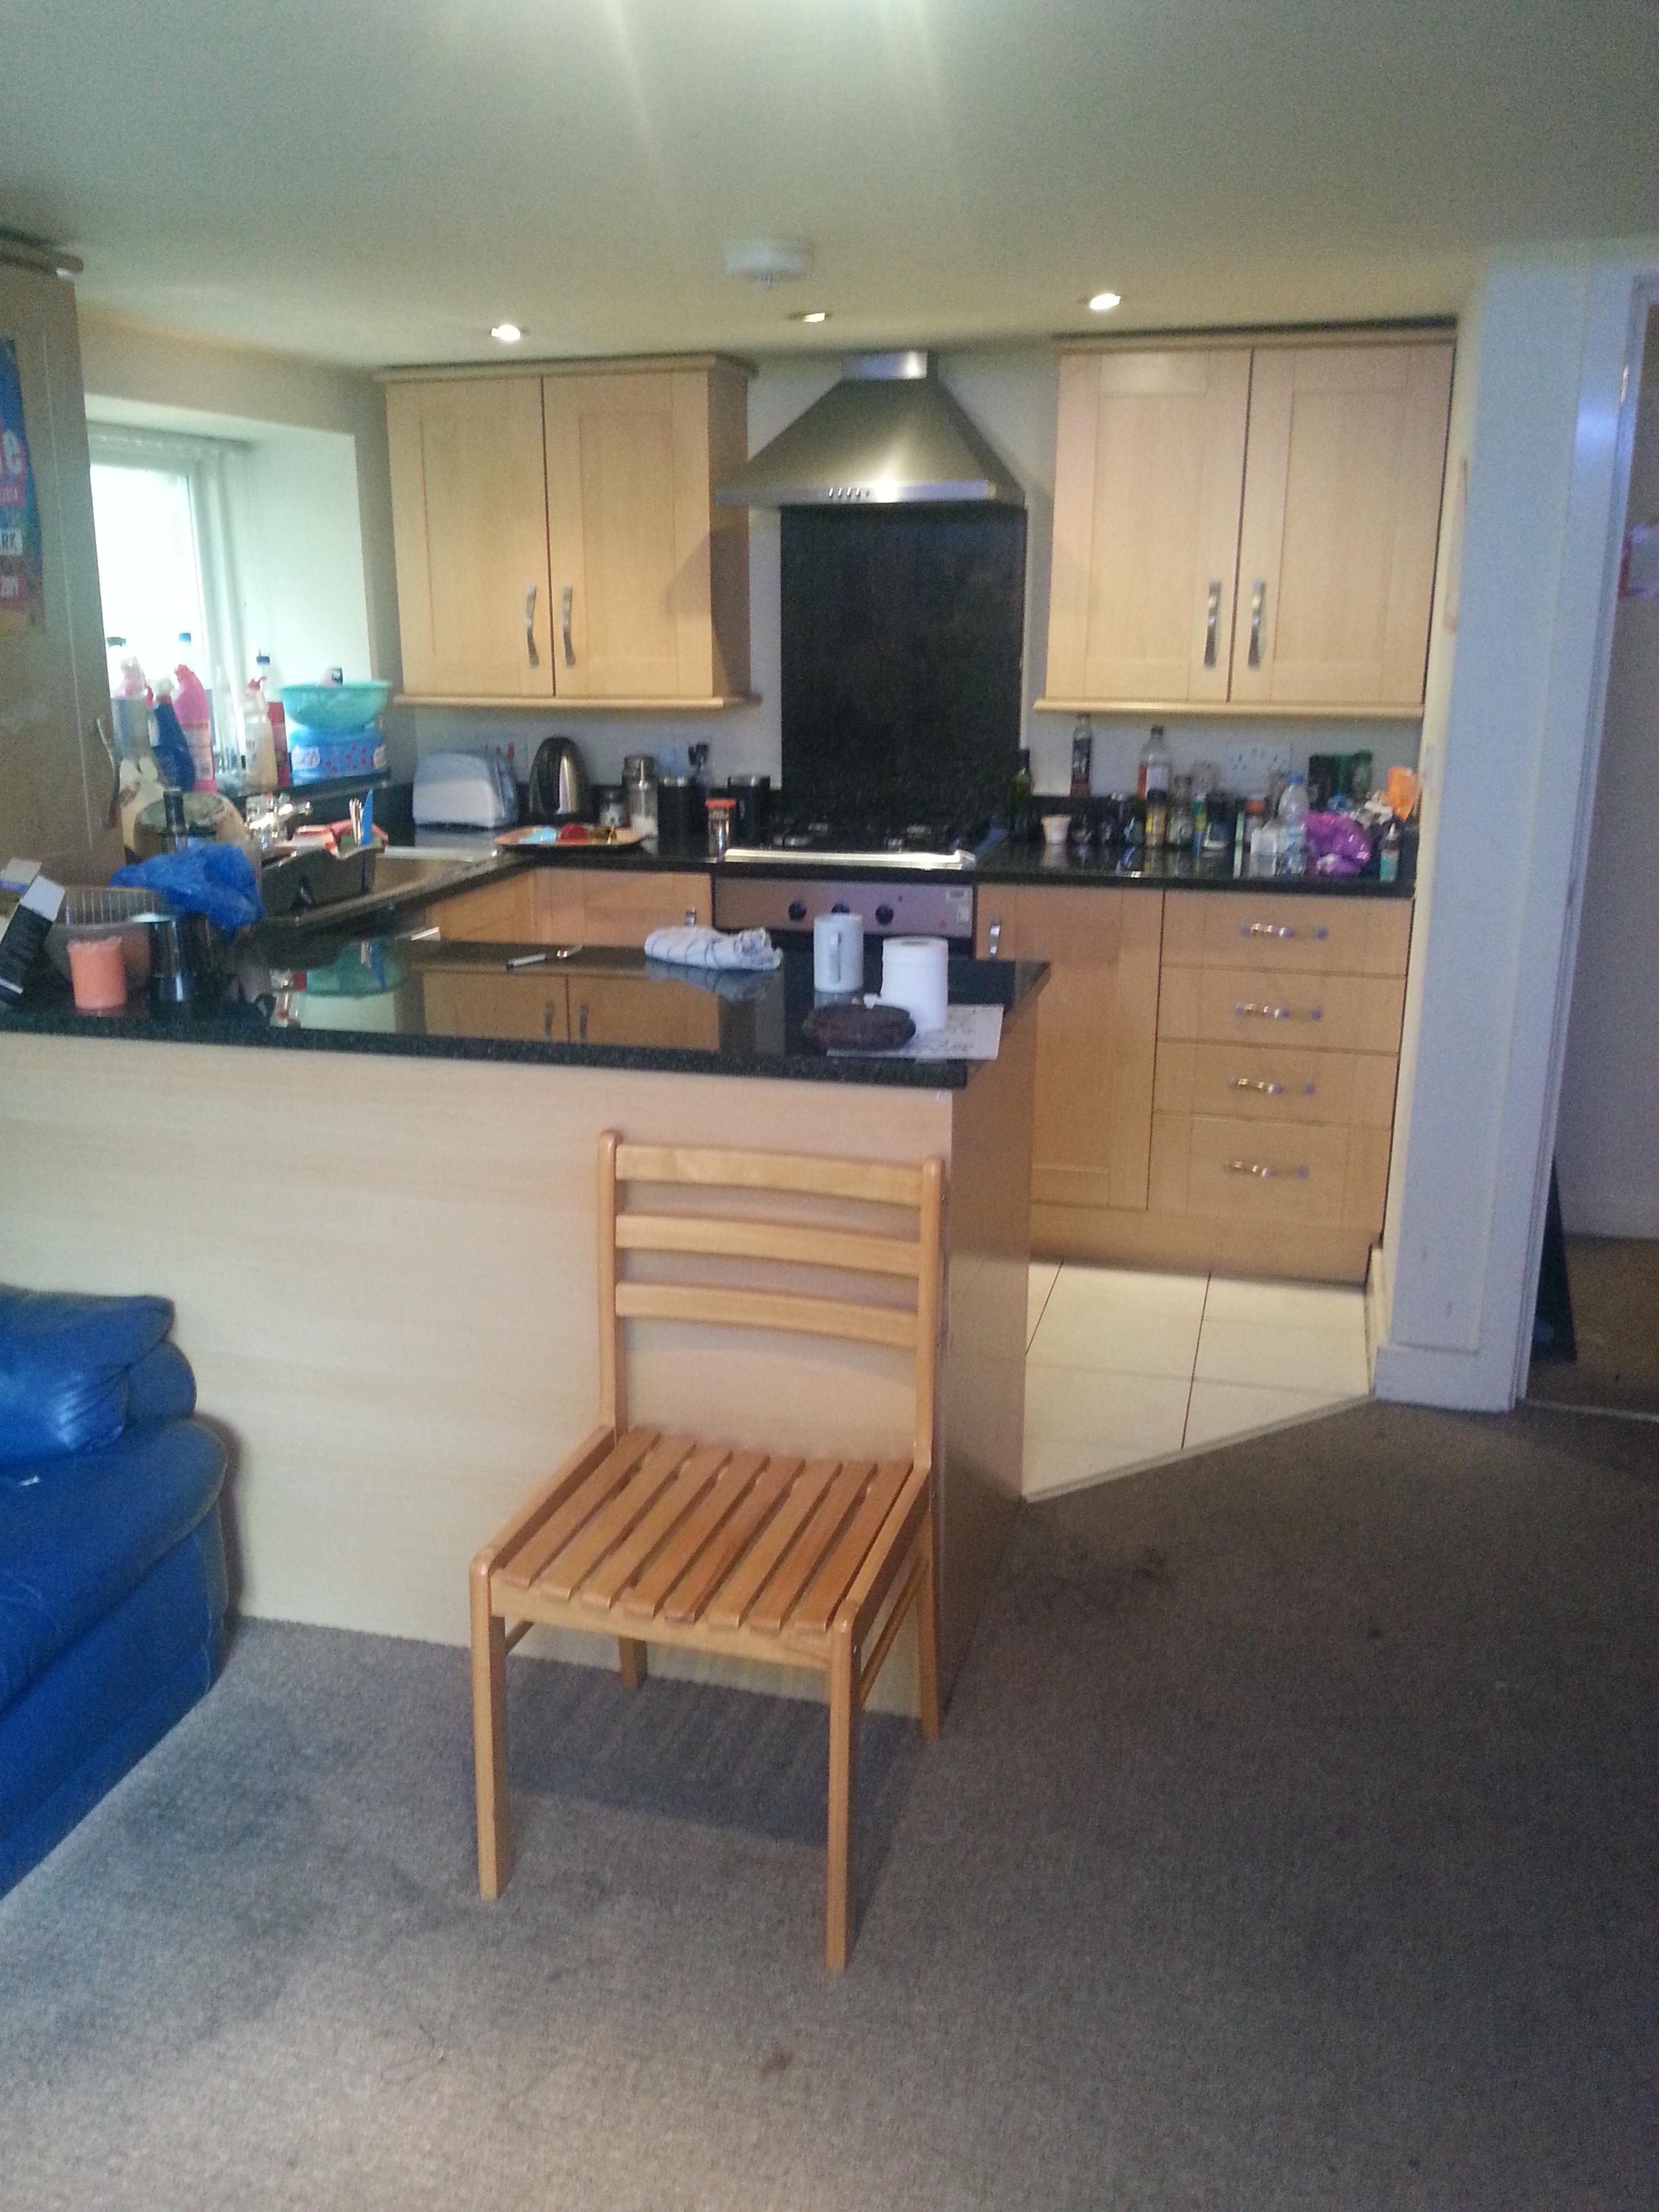 3 wynnstay flat 1 kitchen